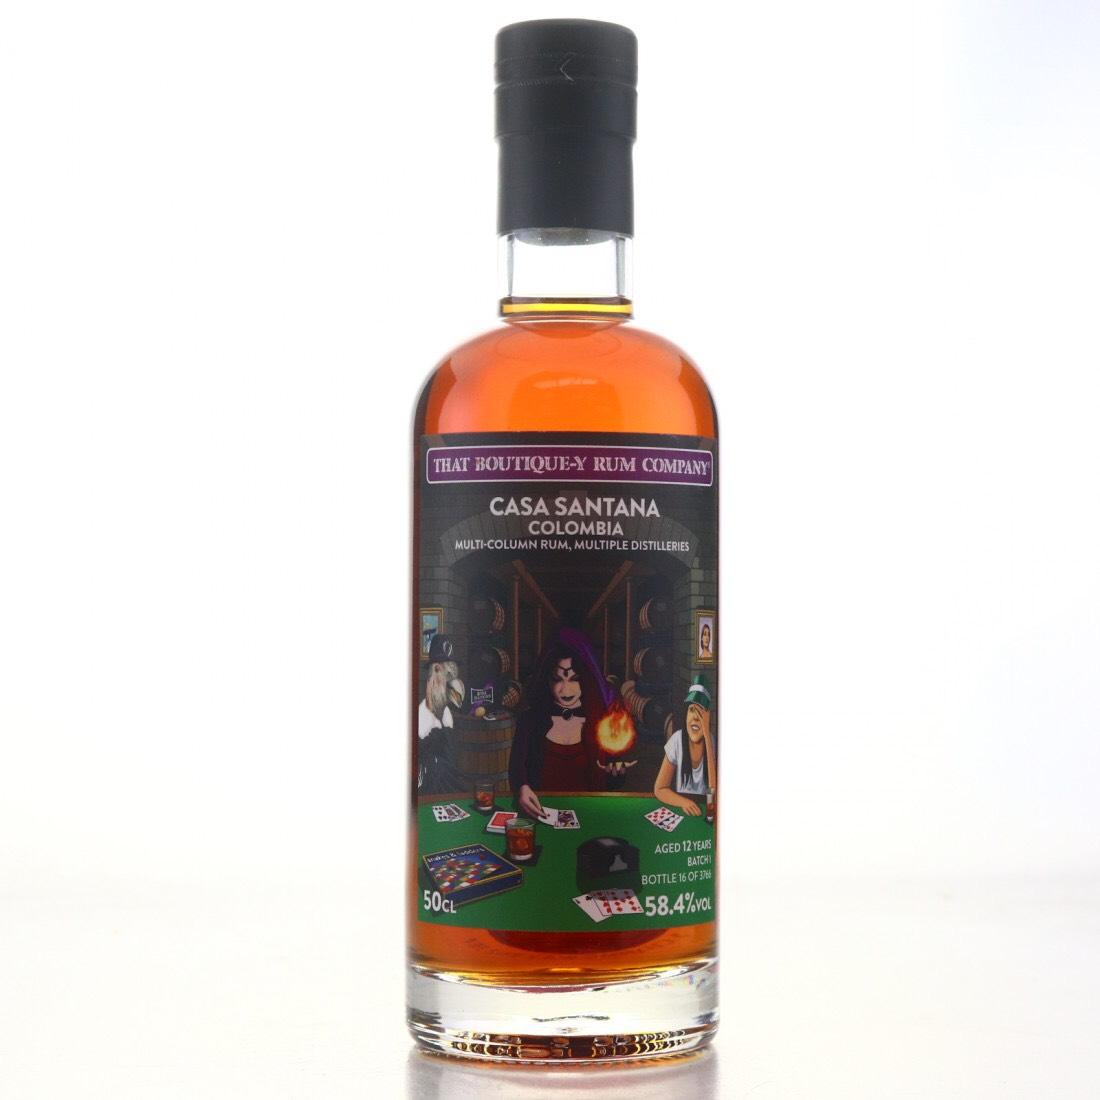 Bottle image of Casa Santana